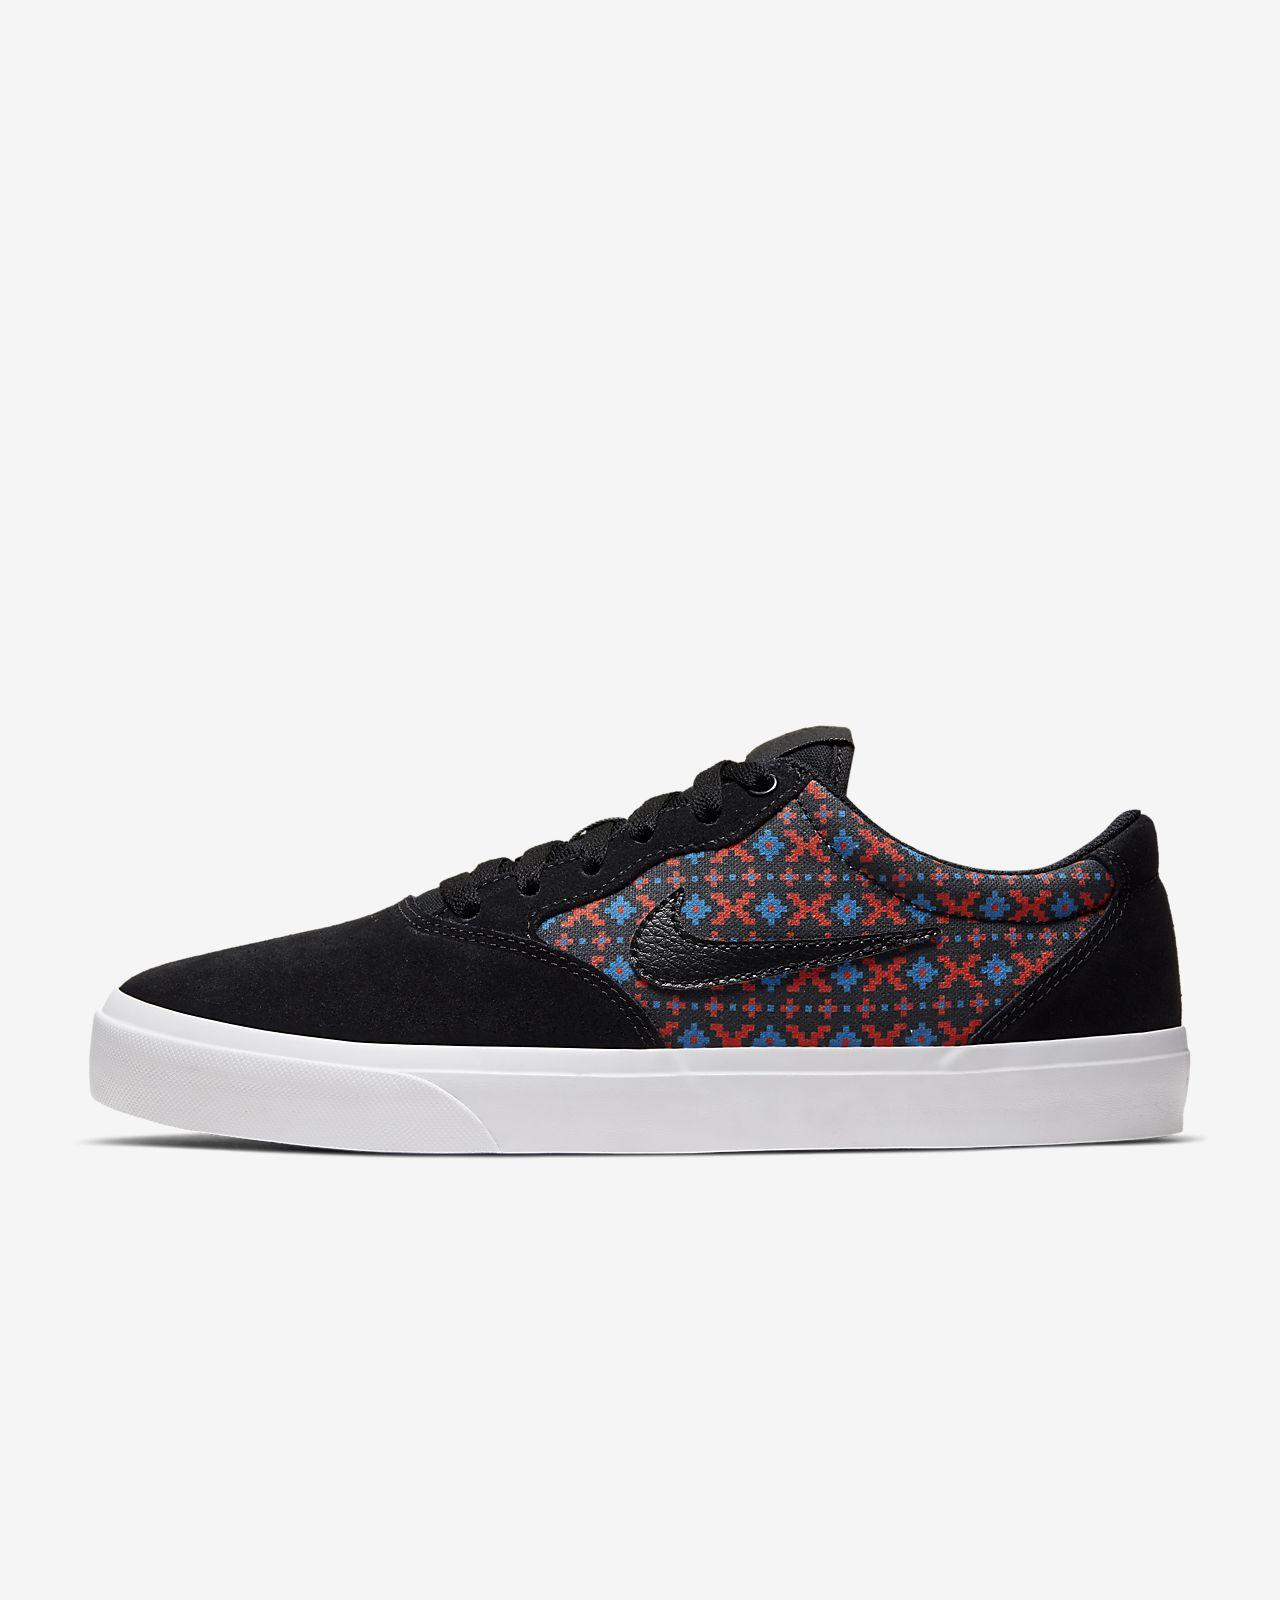 Skateboardová bota Nike SB Chron Solarsoft Premium